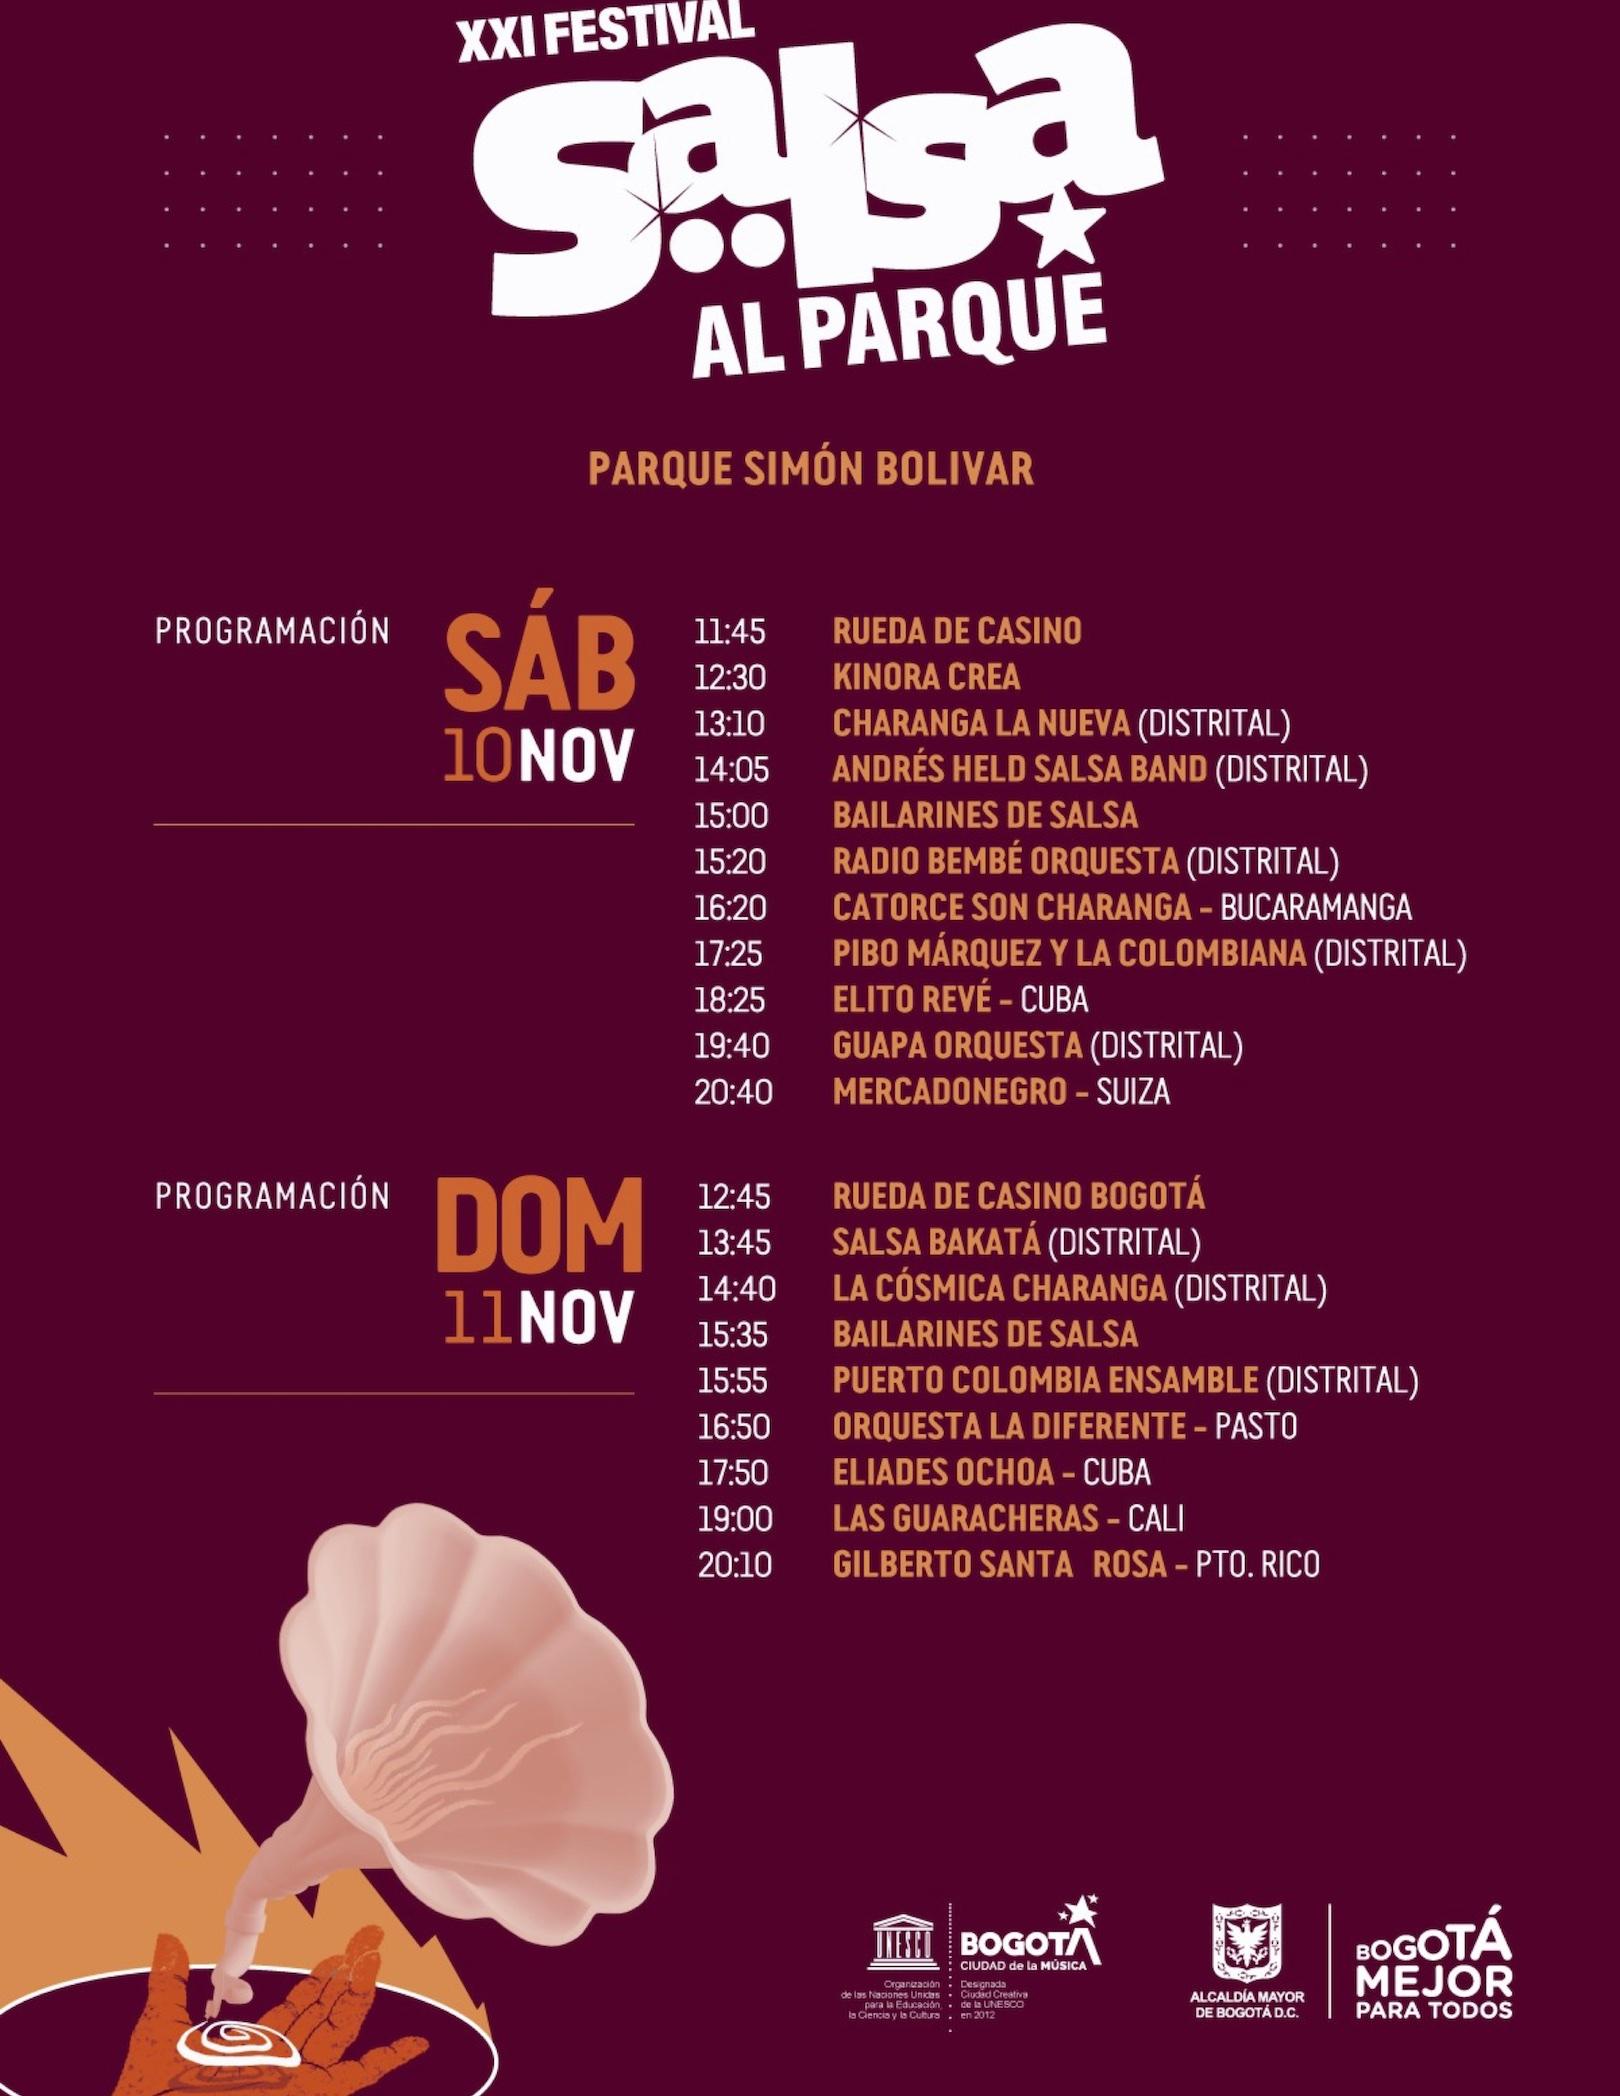 Festival Salsa Al Parque 2018 Programación Bogotá